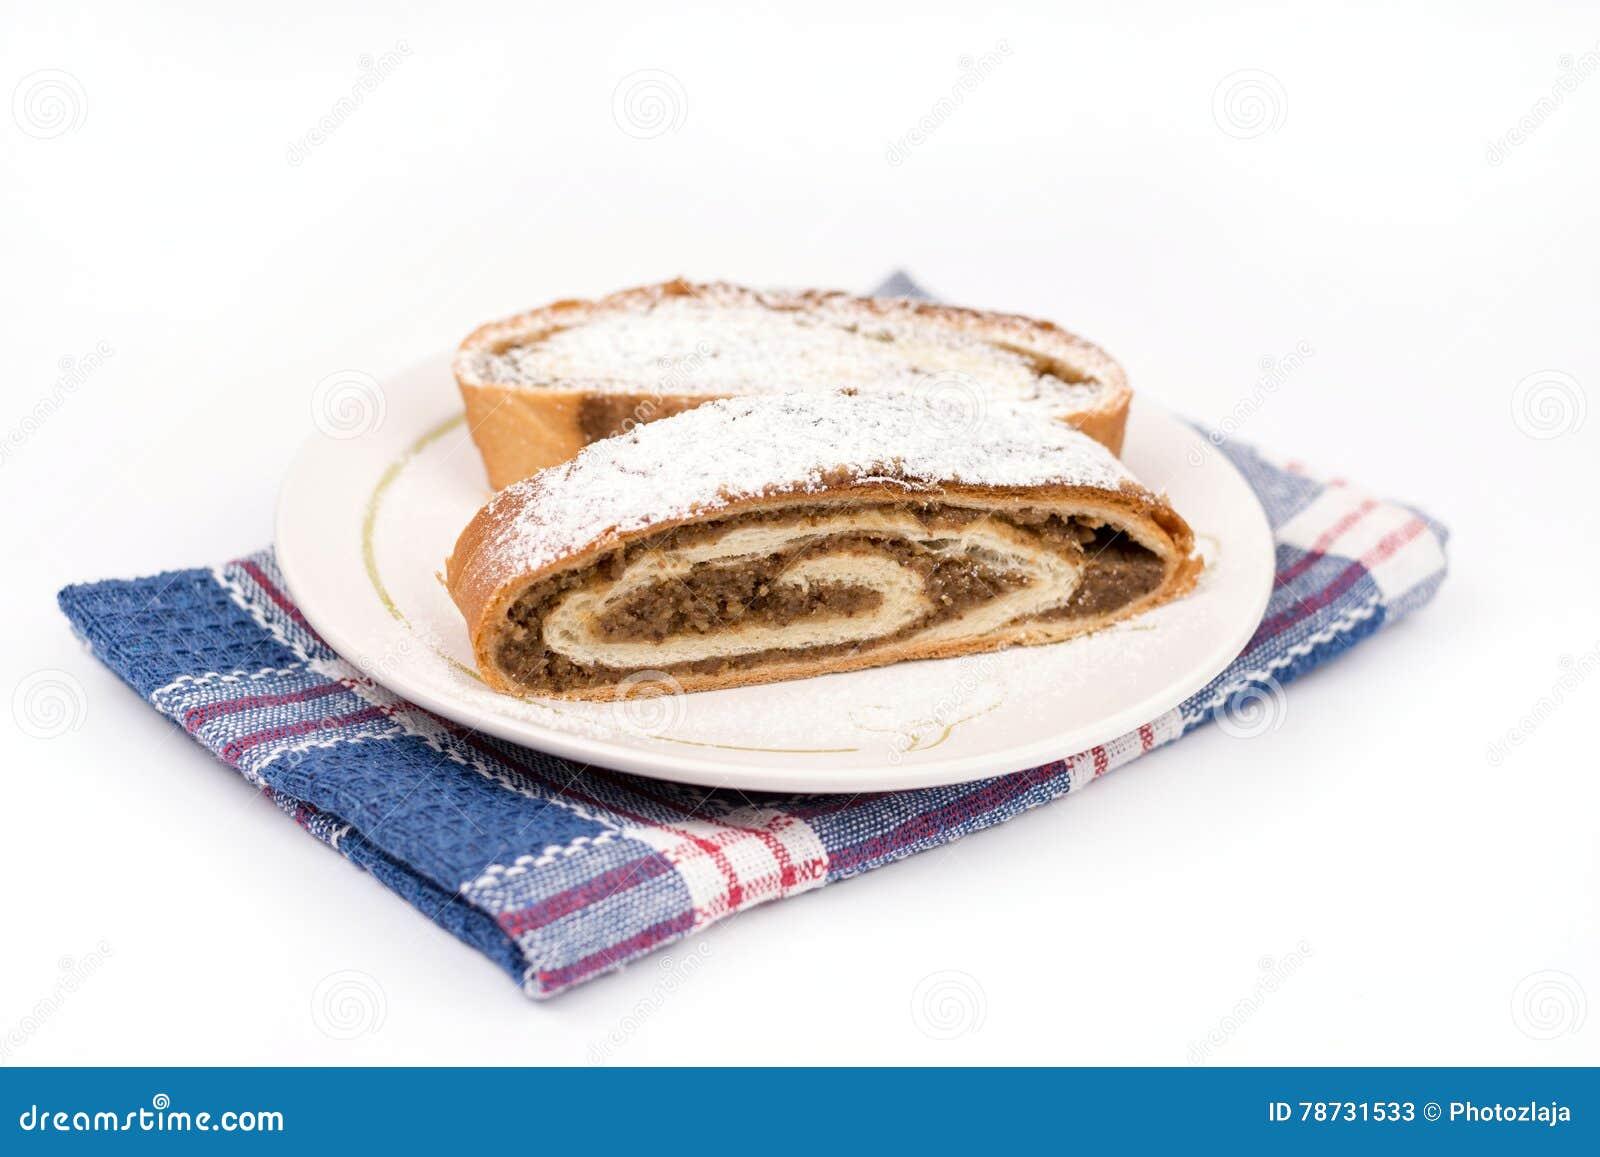 Hemlagad inhemsk strudel med valnötter på plattan